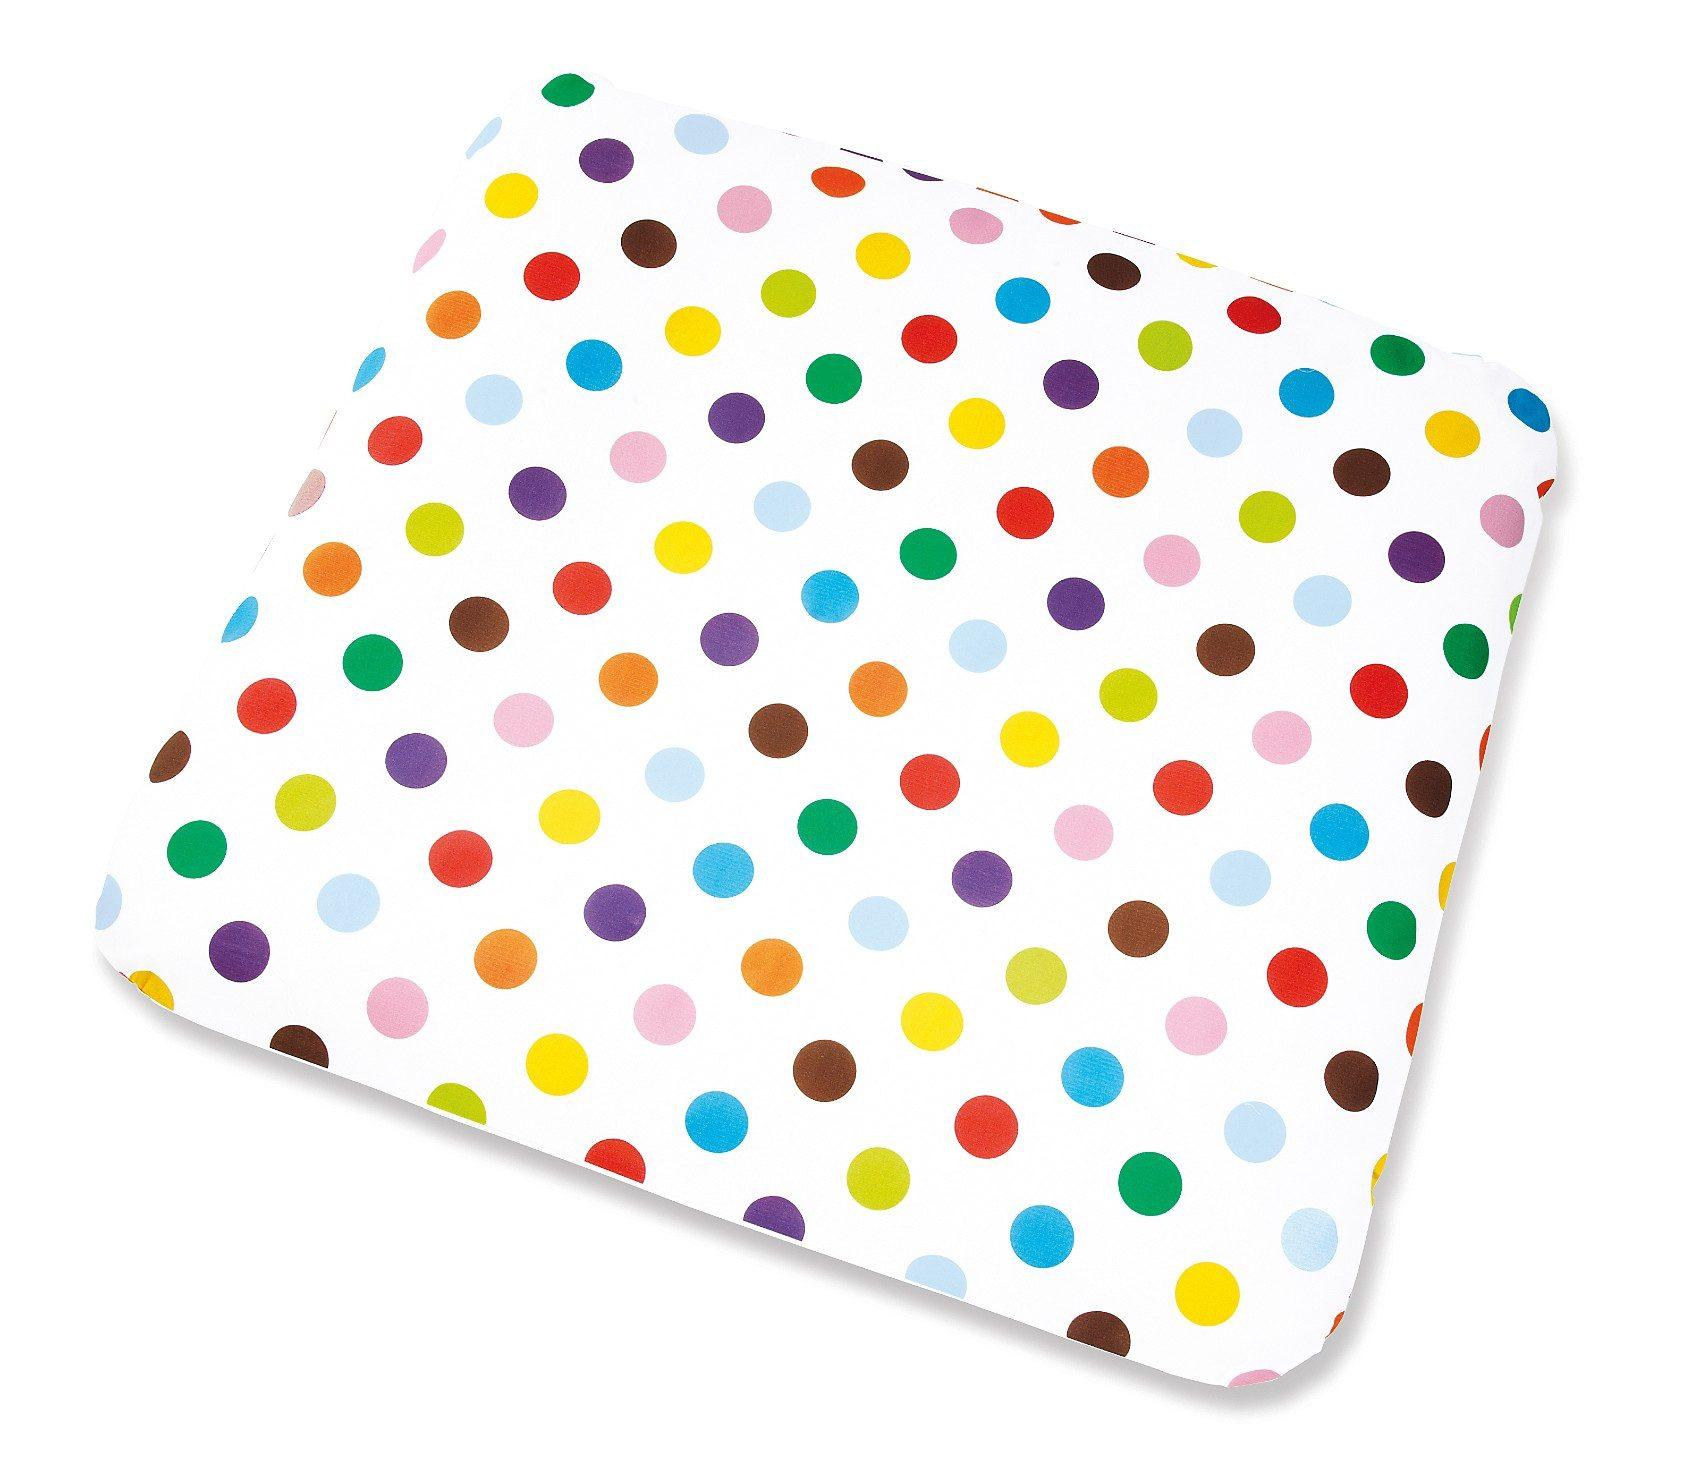 Pinolino Bezug für Wickelauflage Dots, 85 x 75 cm